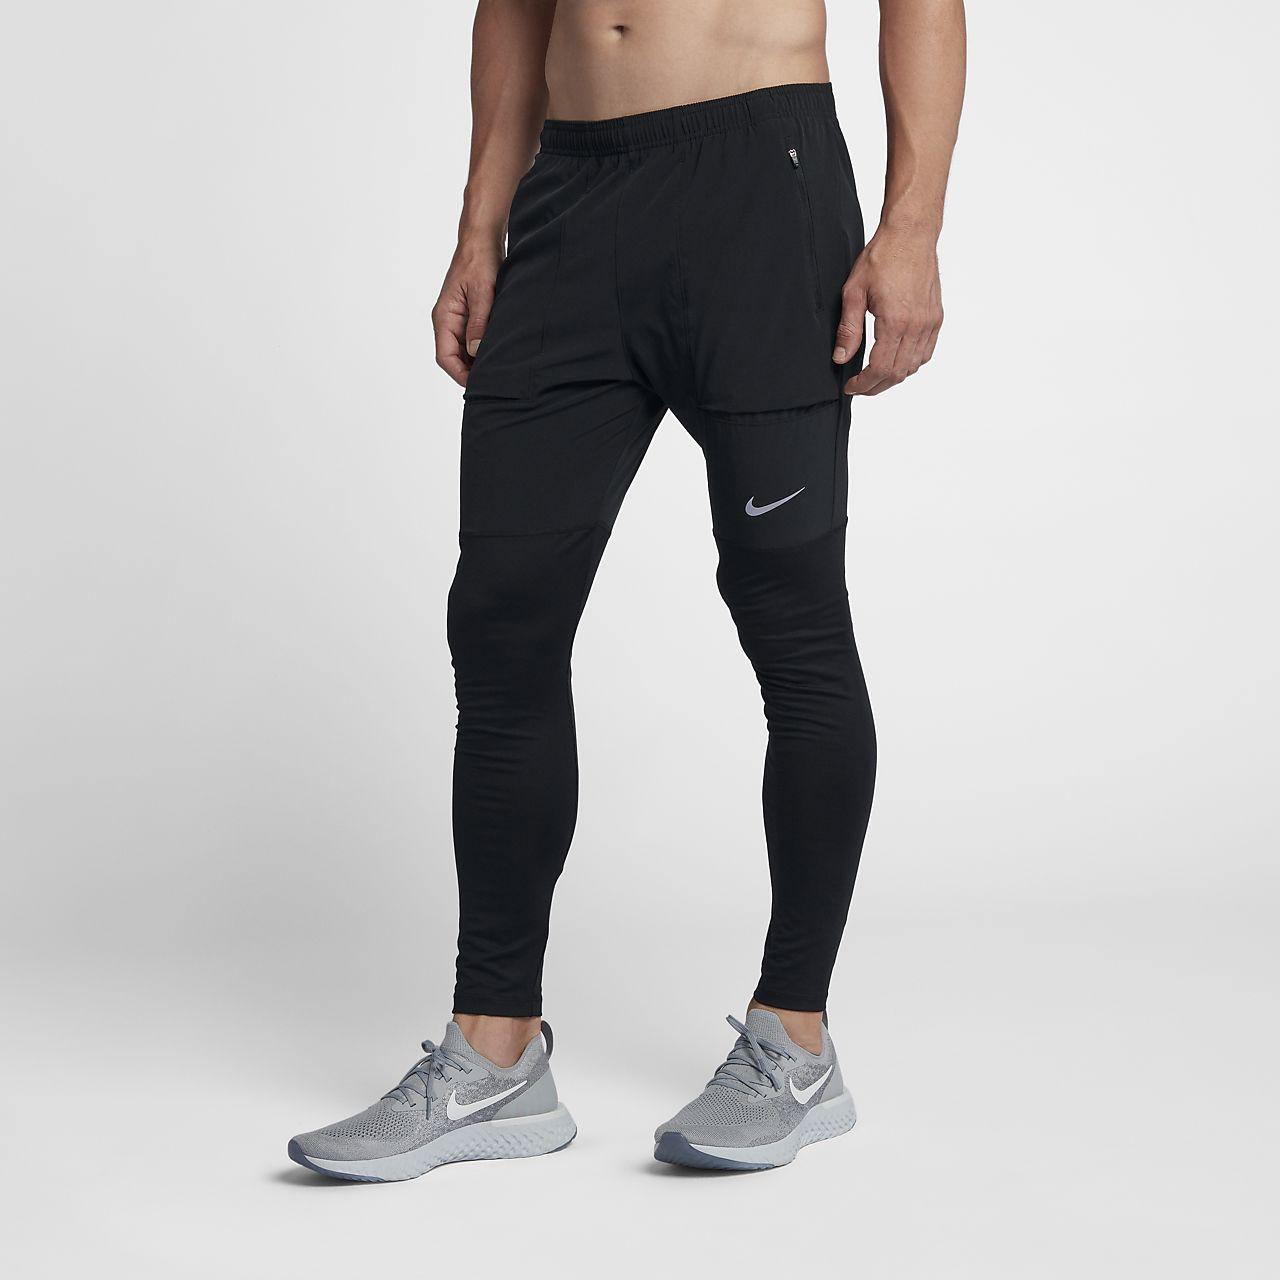 กางเกงวิ่งผู้ชาย Nike Essential